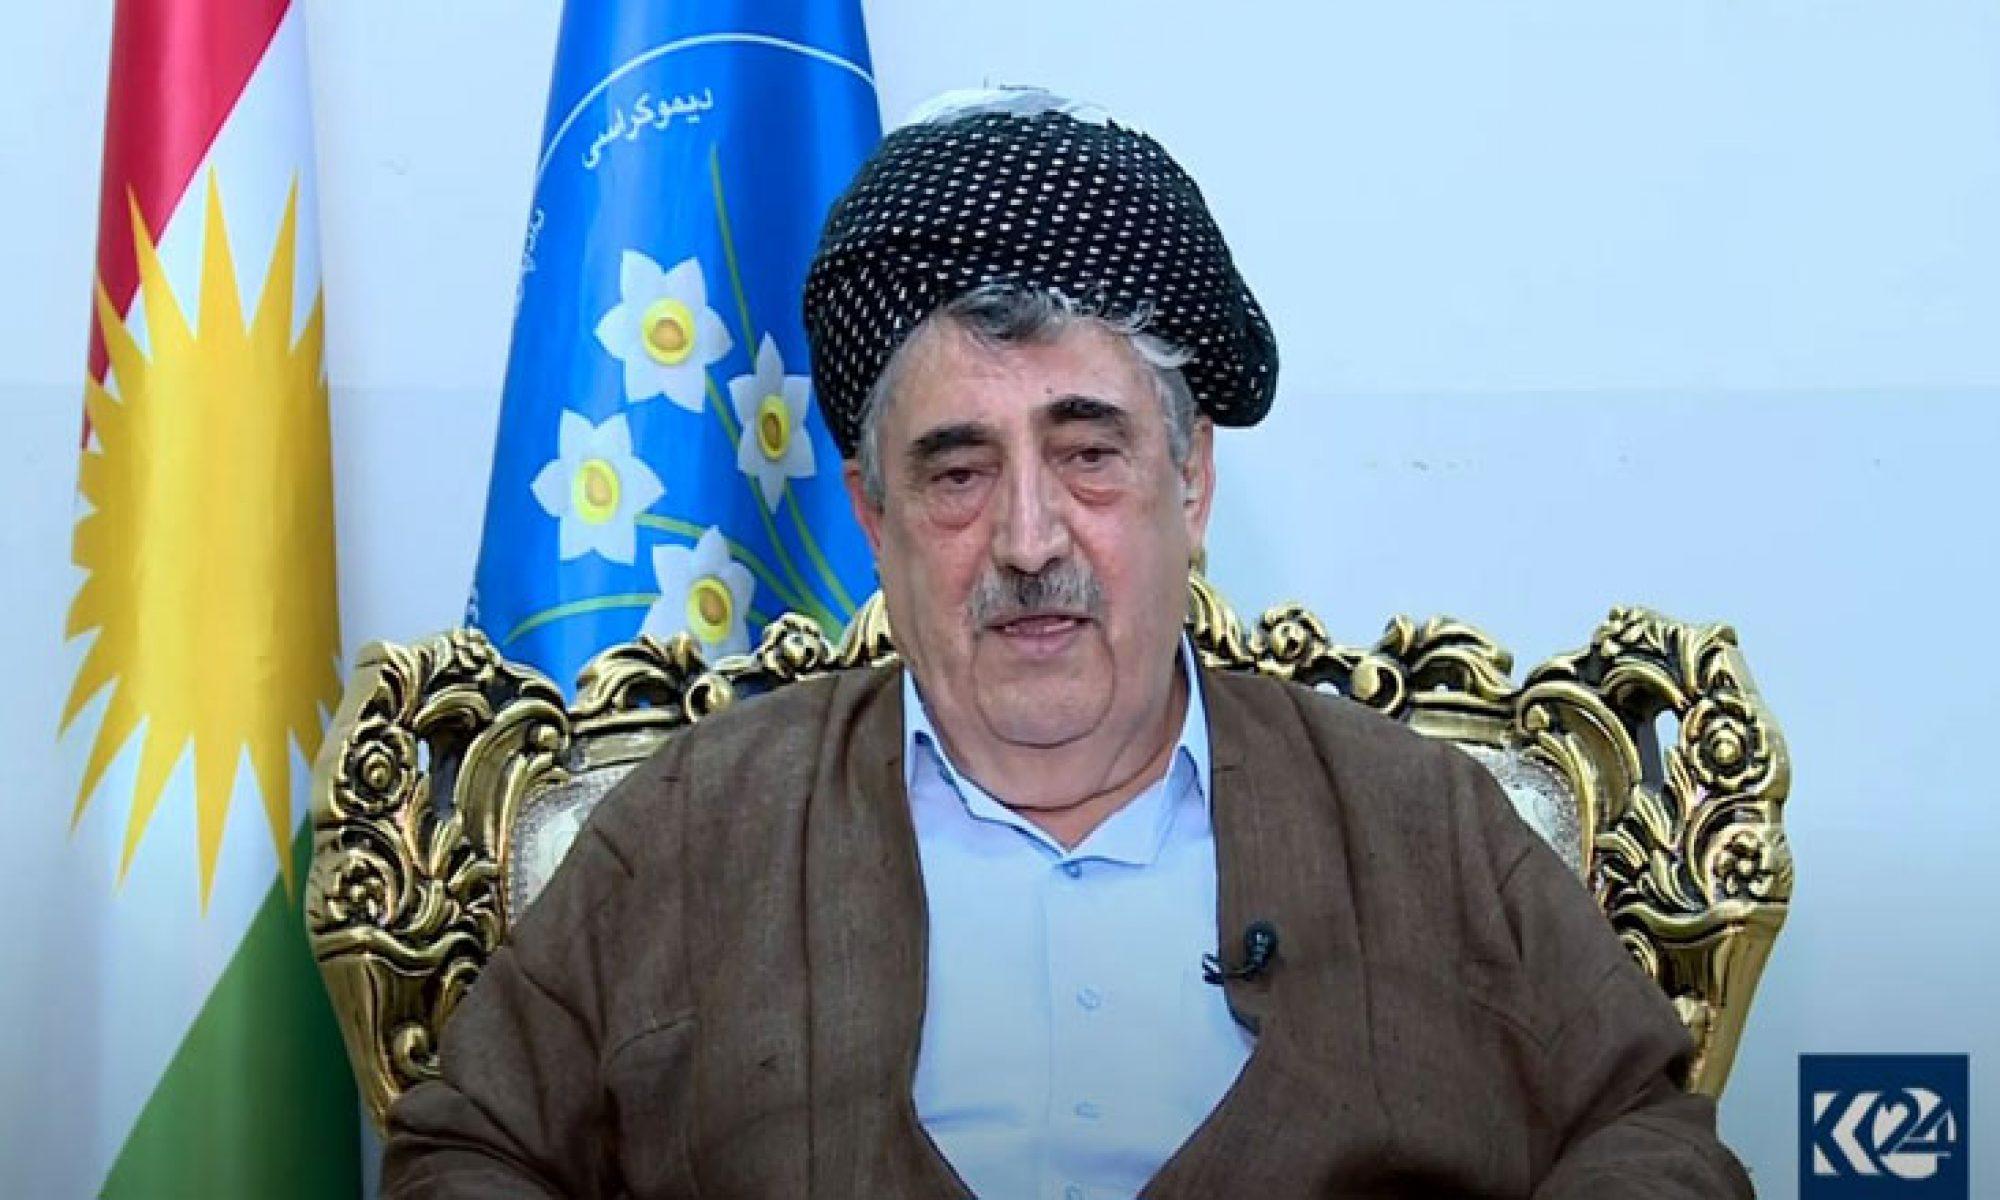 Muhammet Haci Mahmut: Irak için en iyi çözüm Konfederasyondur